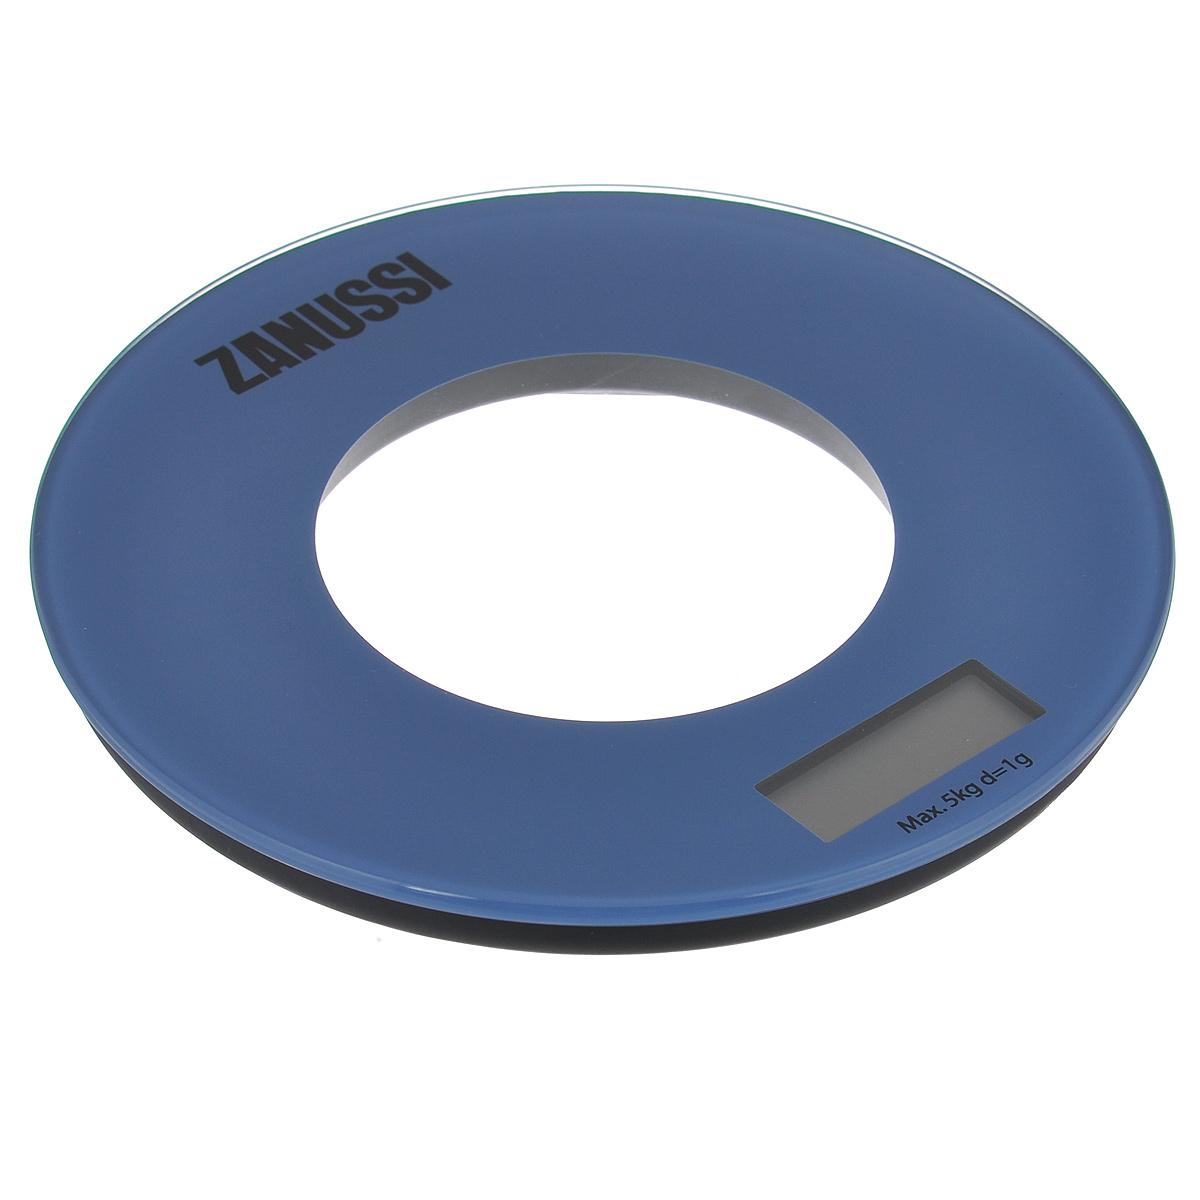 Весы кухонные Zanussi Bologna, электронные, цвет: синий, до 5 кгZSE21221EFЭлектронные кухонные весы Zanussi Bologna придутся по душе каждой хозяйке и станут незаменимым аксессуаром на кухне. Ультратонкий корпус весов выполнен из пластика с цифровым ЖК-дисплеем. Весы выдерживают до 5 килограмм и оснащены высокоточной сенсорной измерительной системой. Имеется индикатор низкого заряда батареи.С помощью таких электронных весов можно точно контролировать пропорции ингредиентов.УВАЖАЕМЫЕ КЛИЕНТЫ!Обращаем ваше внимание, что весы работают от одной литиевой батарейки CR2032 напряжением 3V (входит в комплект).